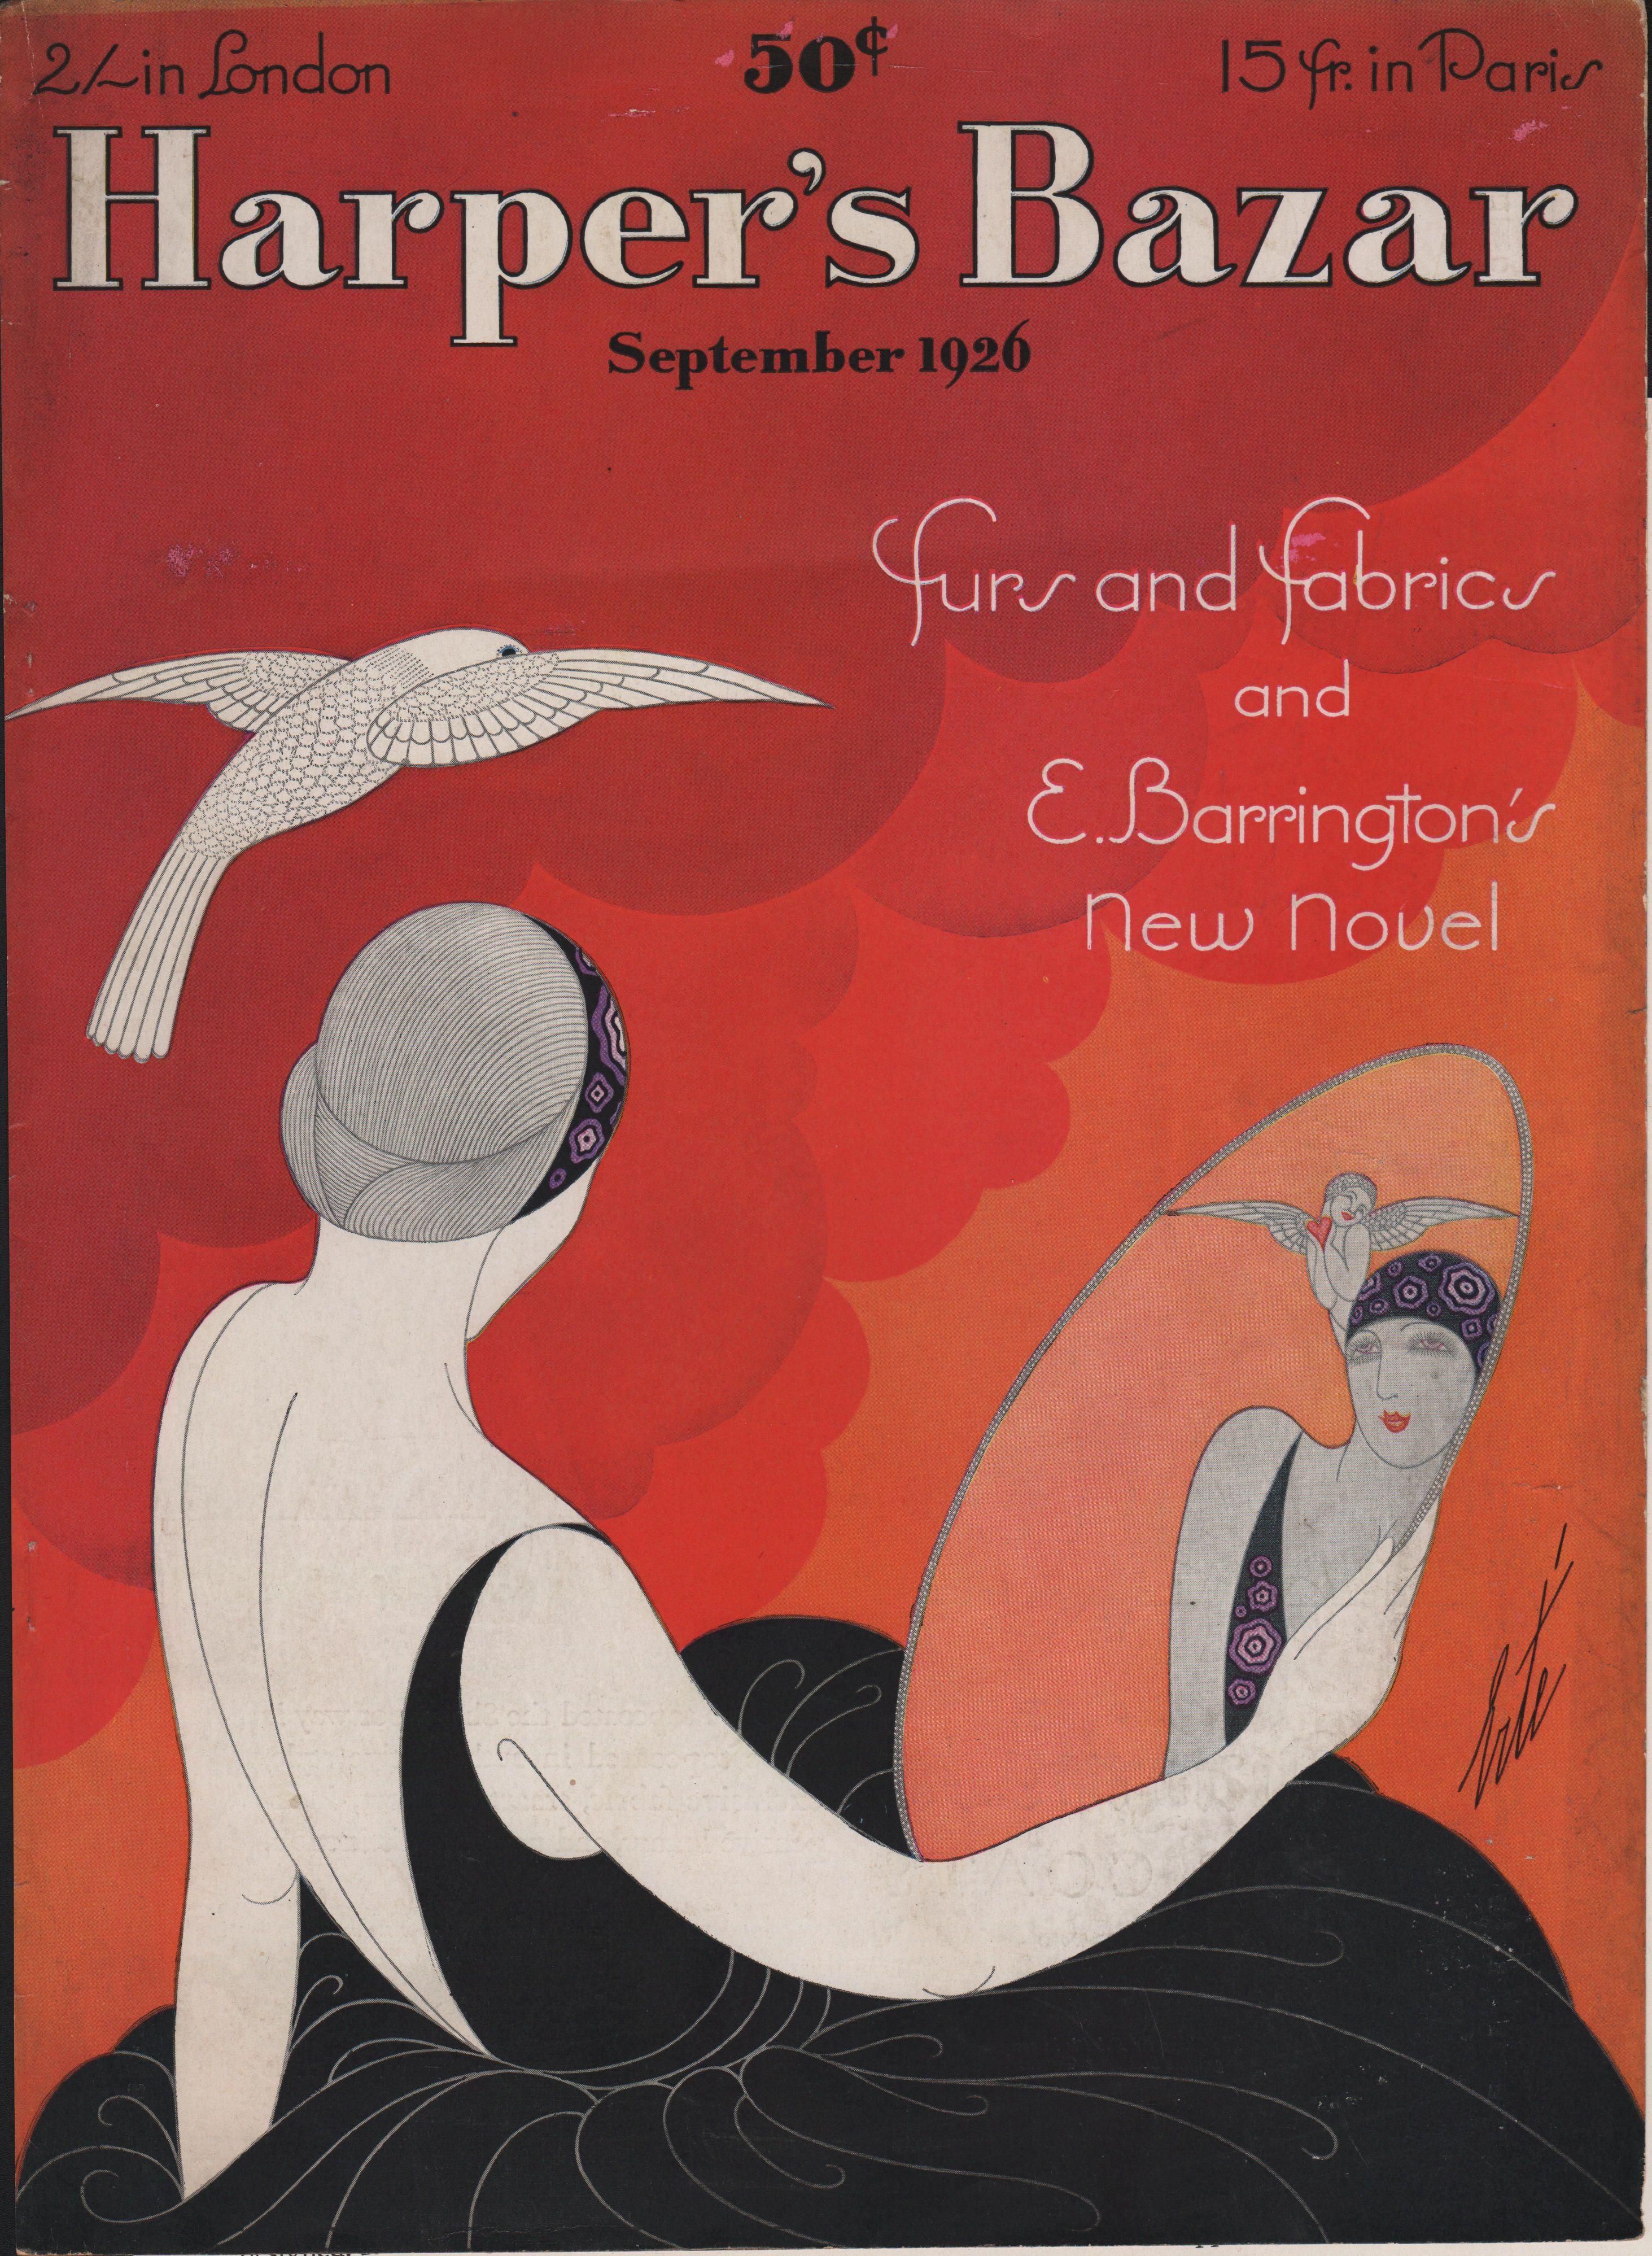 Harpers Bazar Bazaar Magazine Cover September 1926 Erte Romain De Tirtoff